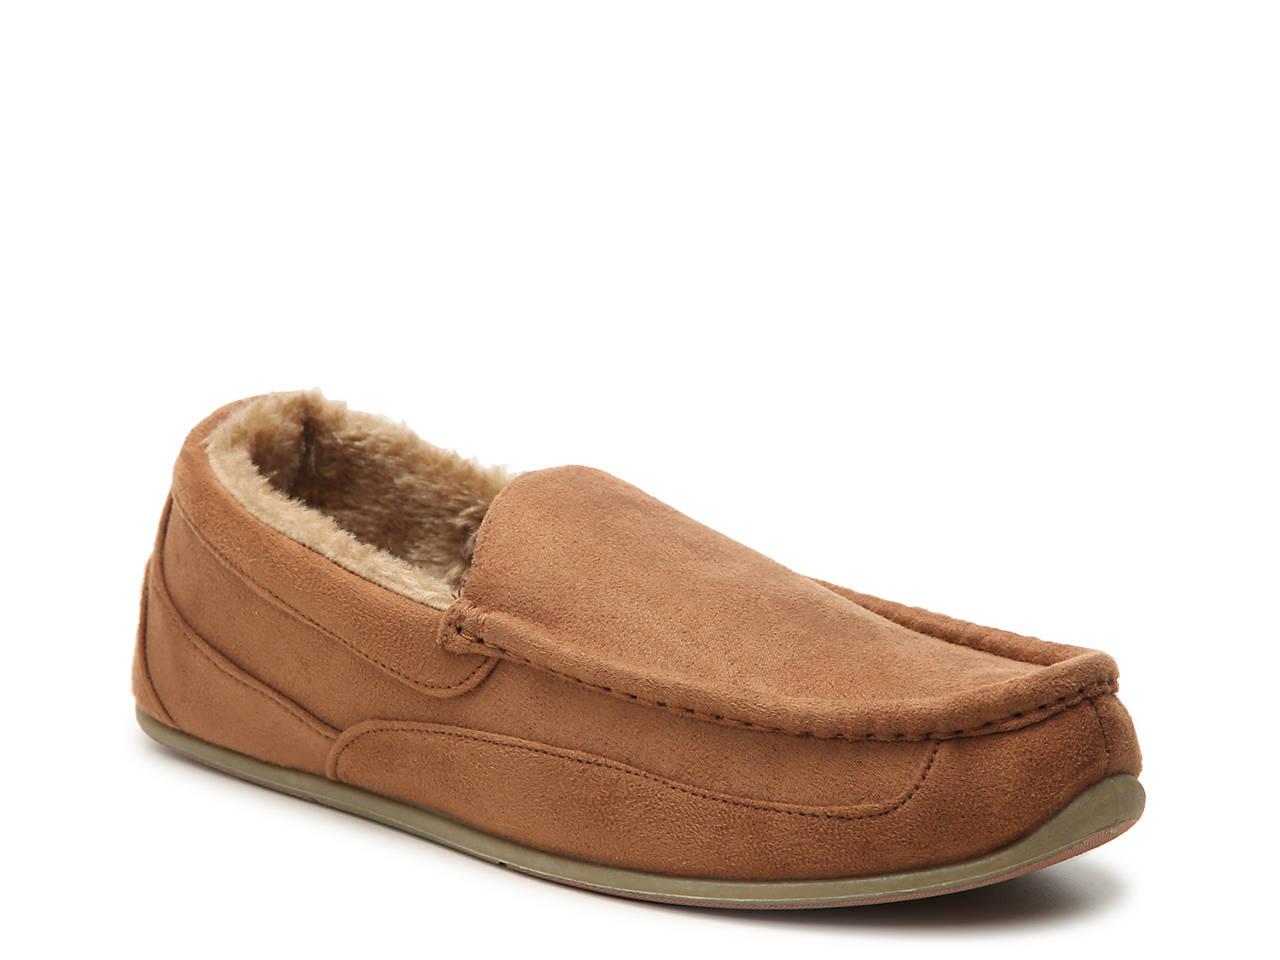 0197e3bf92e8 Deer Stags Slipperooz Spun Moc Slipper Men s Shoes